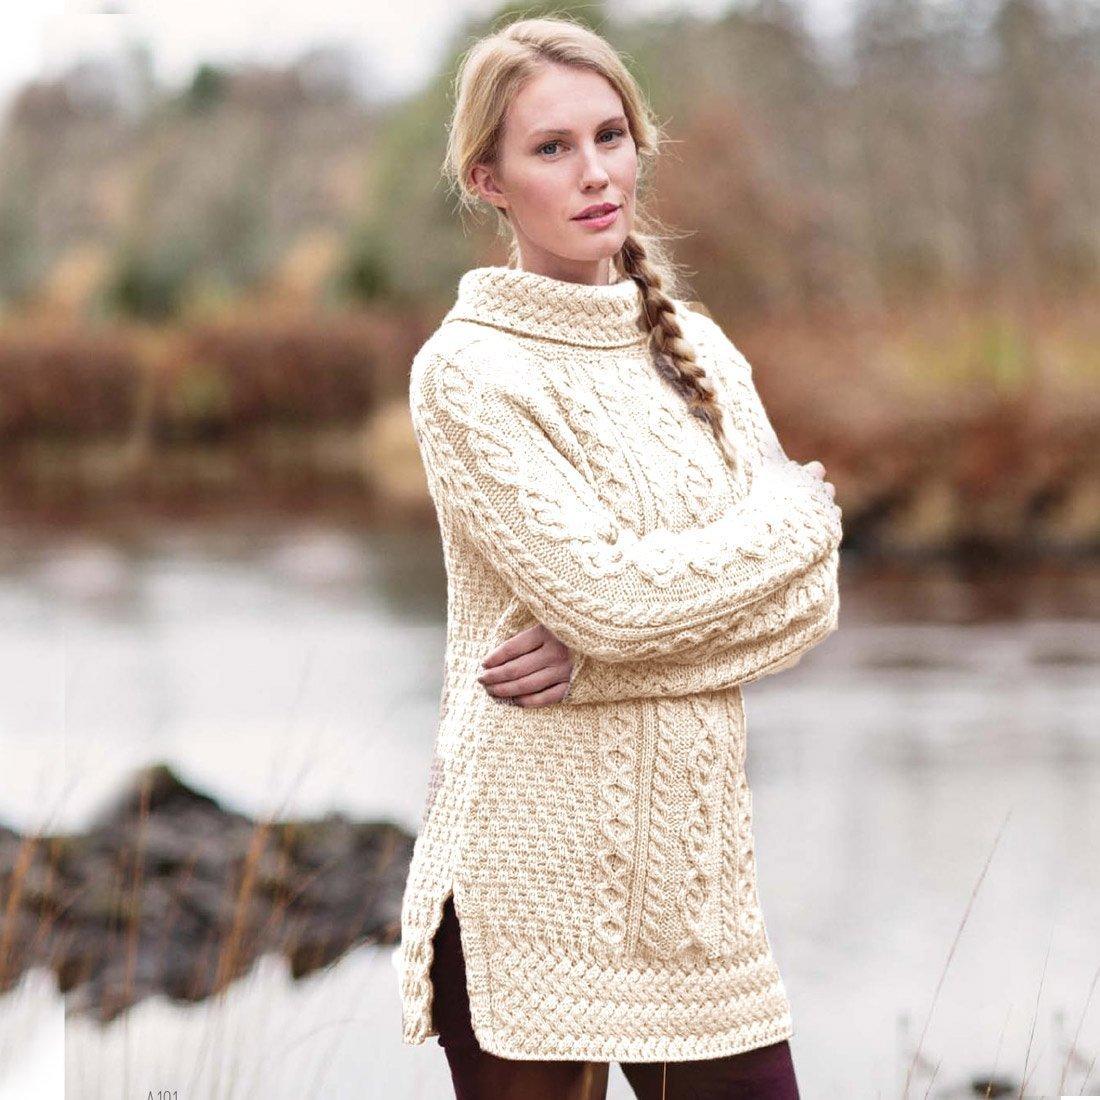 Carraig Donn Ladies 100% Merino Wool Vented Roll Neck Jumper, Natural Colour by Carraig Donn